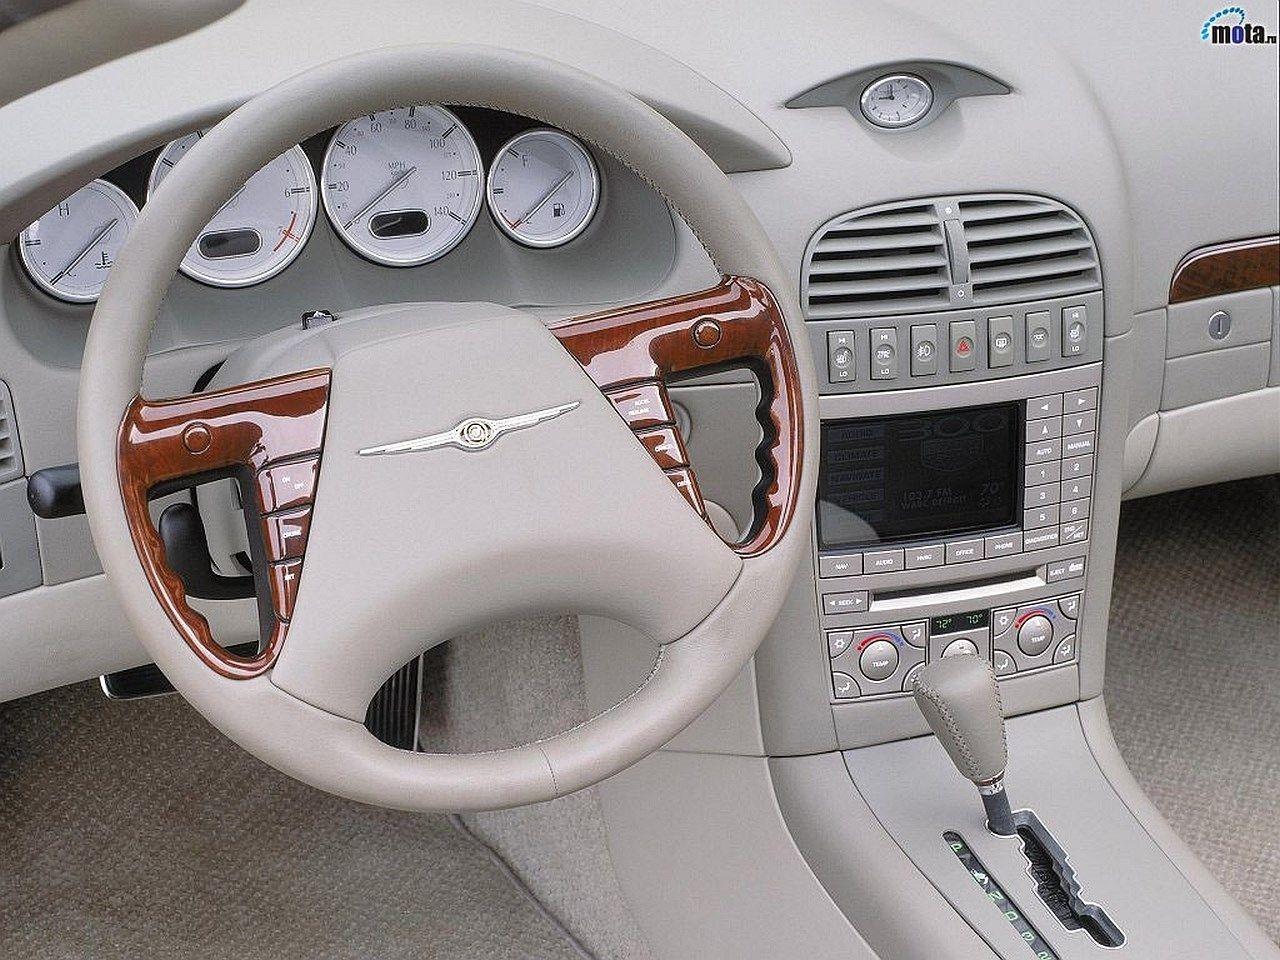 Wallpaper For Desktop Chrysler 300c With Images Chrysler 300